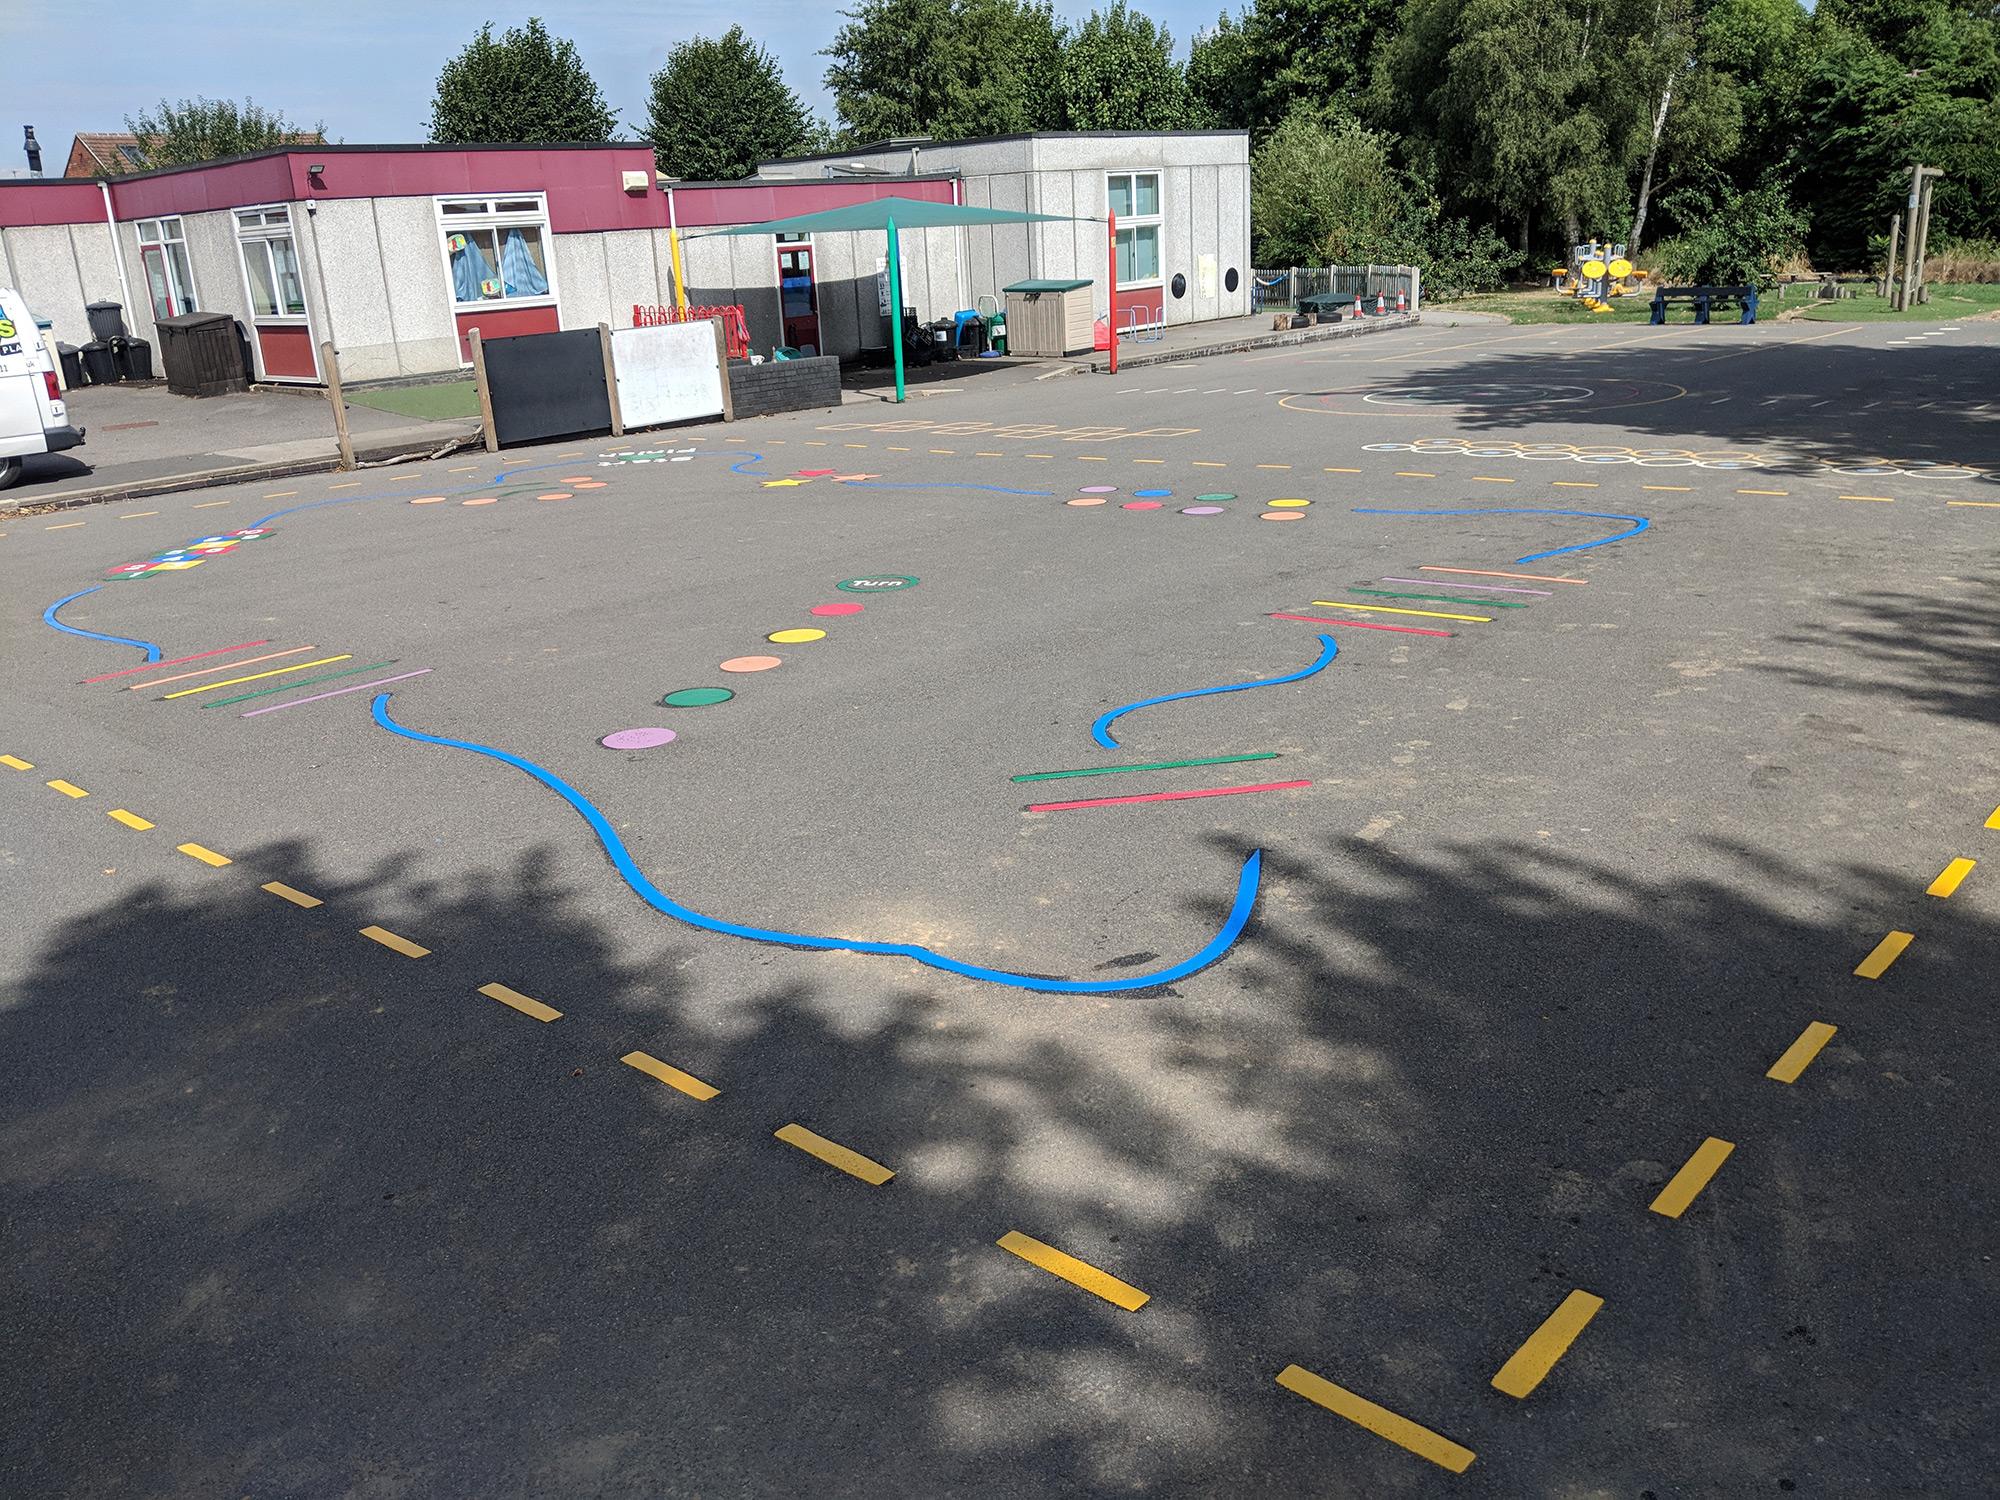 larklands ilkeston playground markings installation